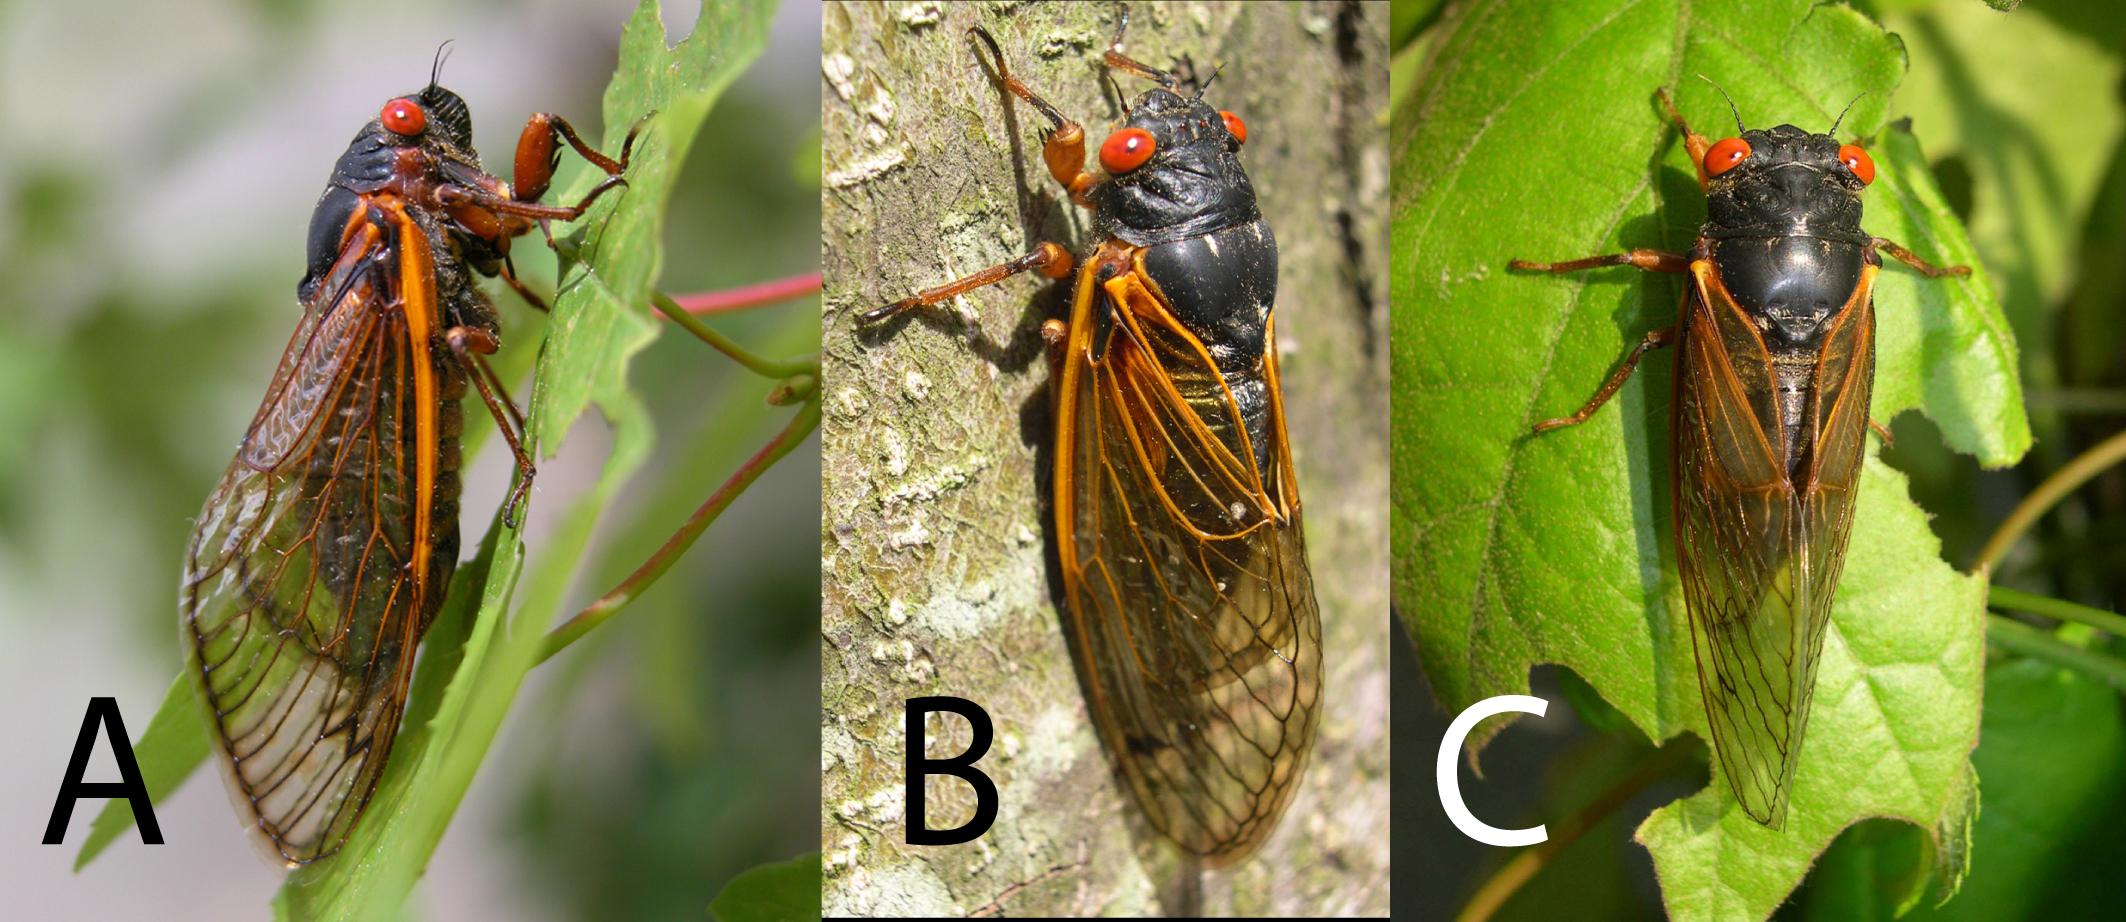 cassini periodical cicadas - photo #6